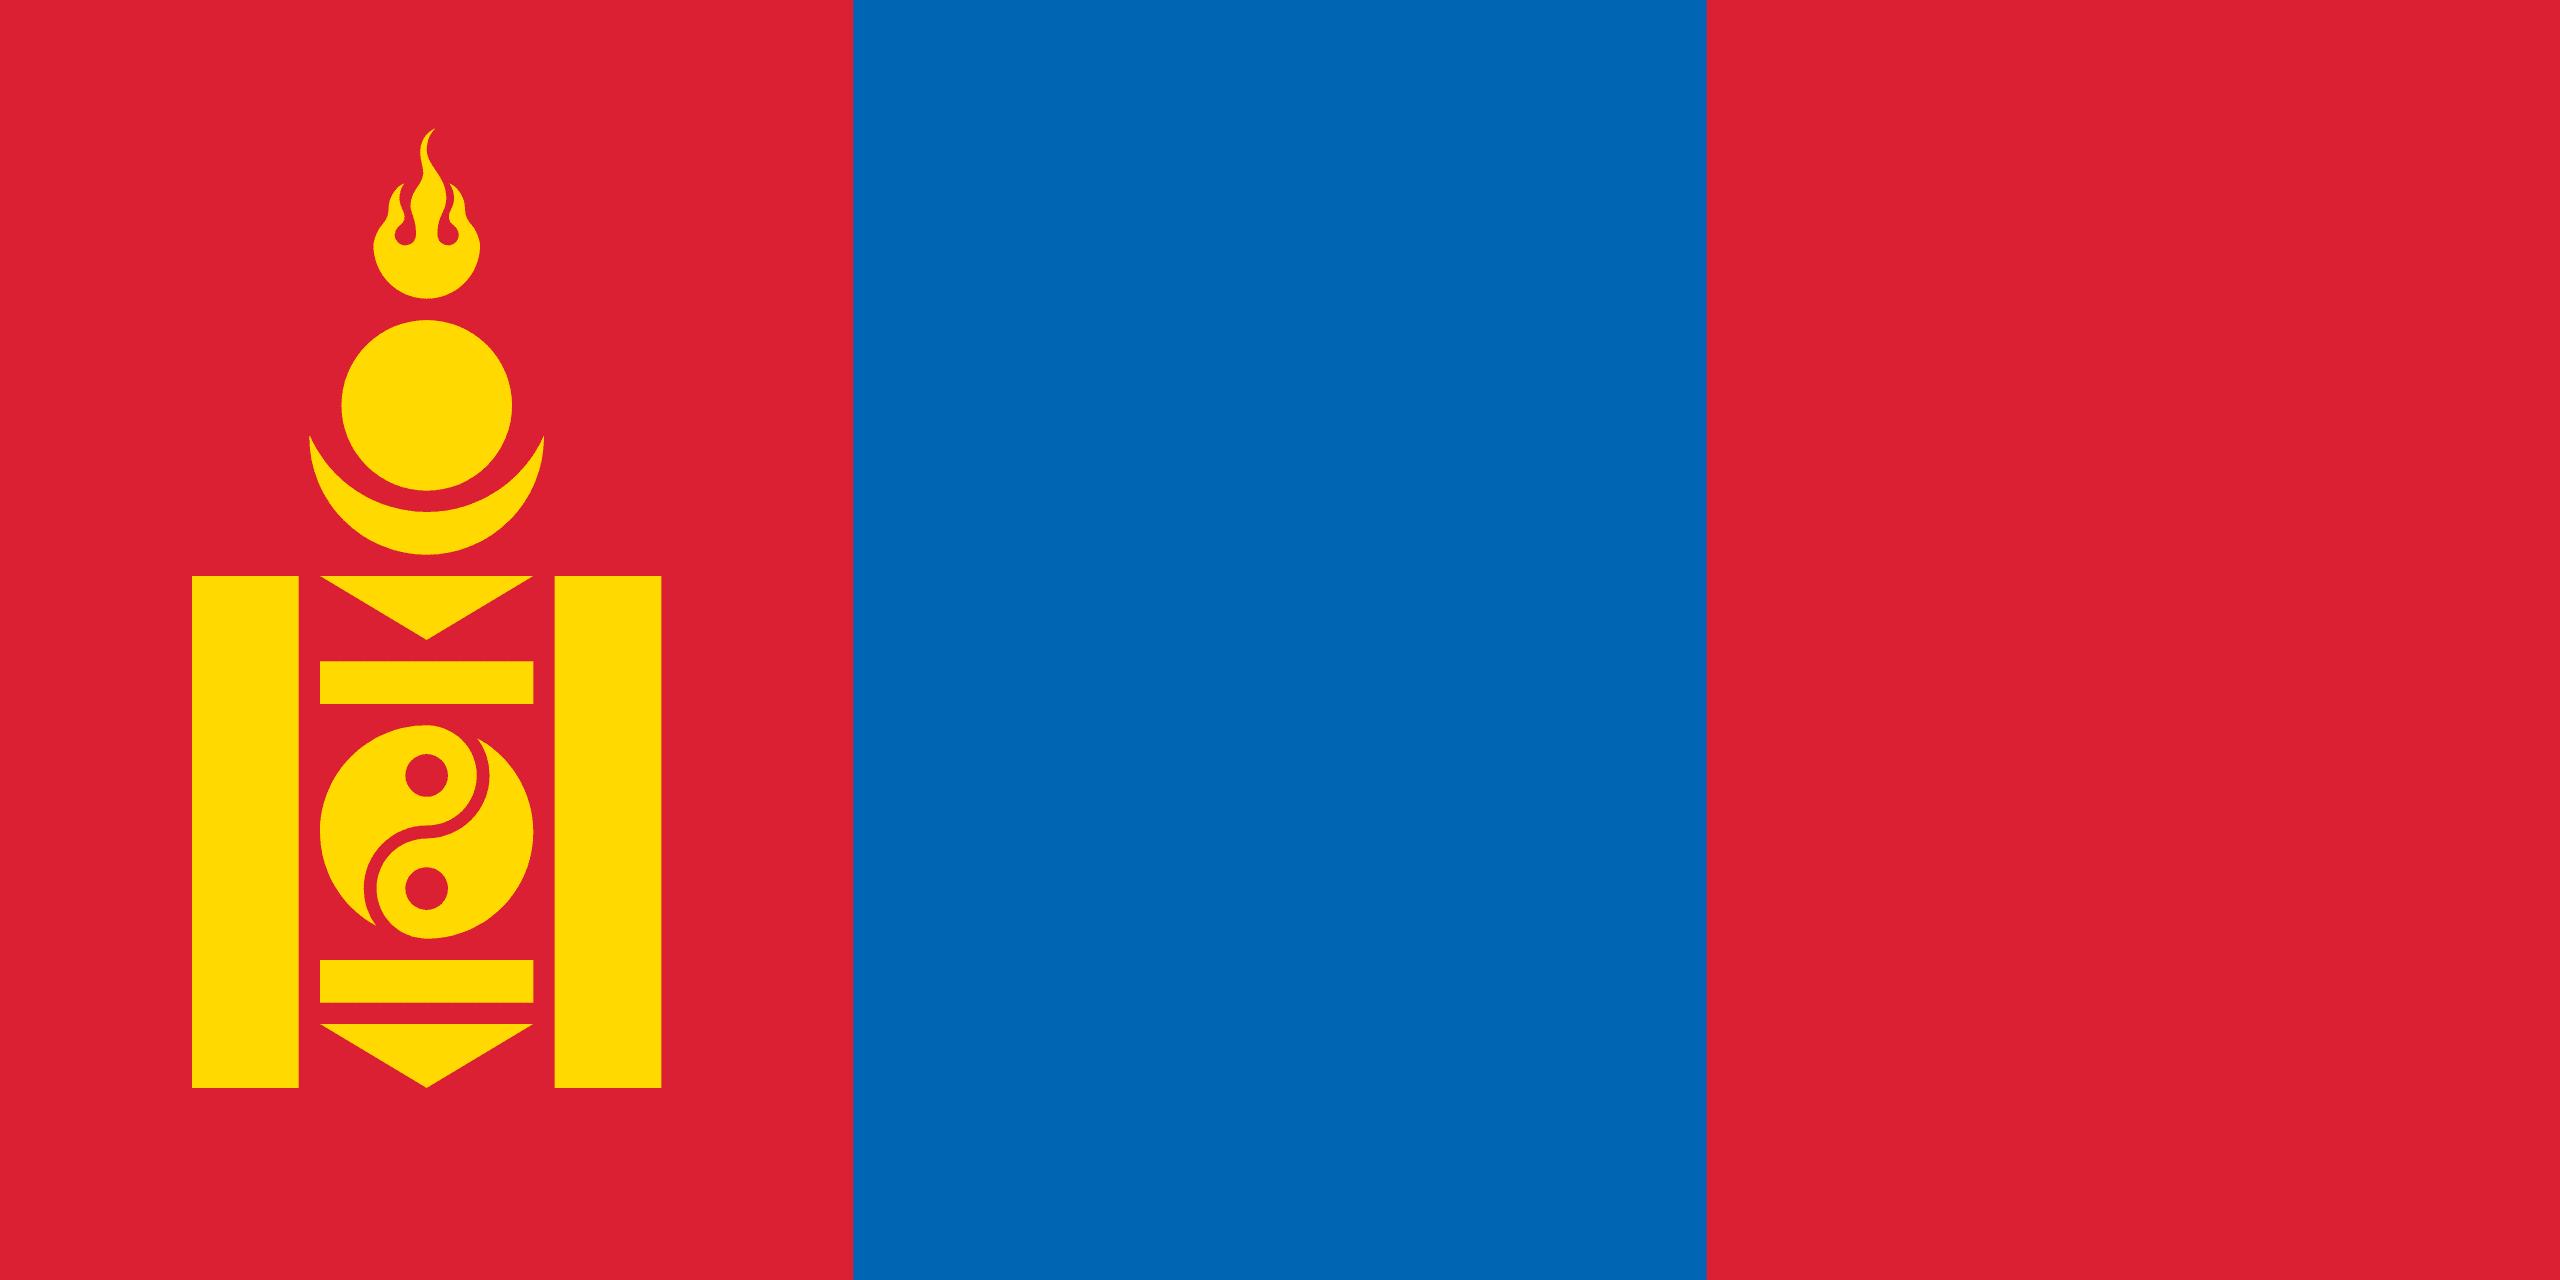 Moğolistan'ın Başkenti ve Para Birimi Nedir? Moğolistan'ın Bayrağı Nasıldır?